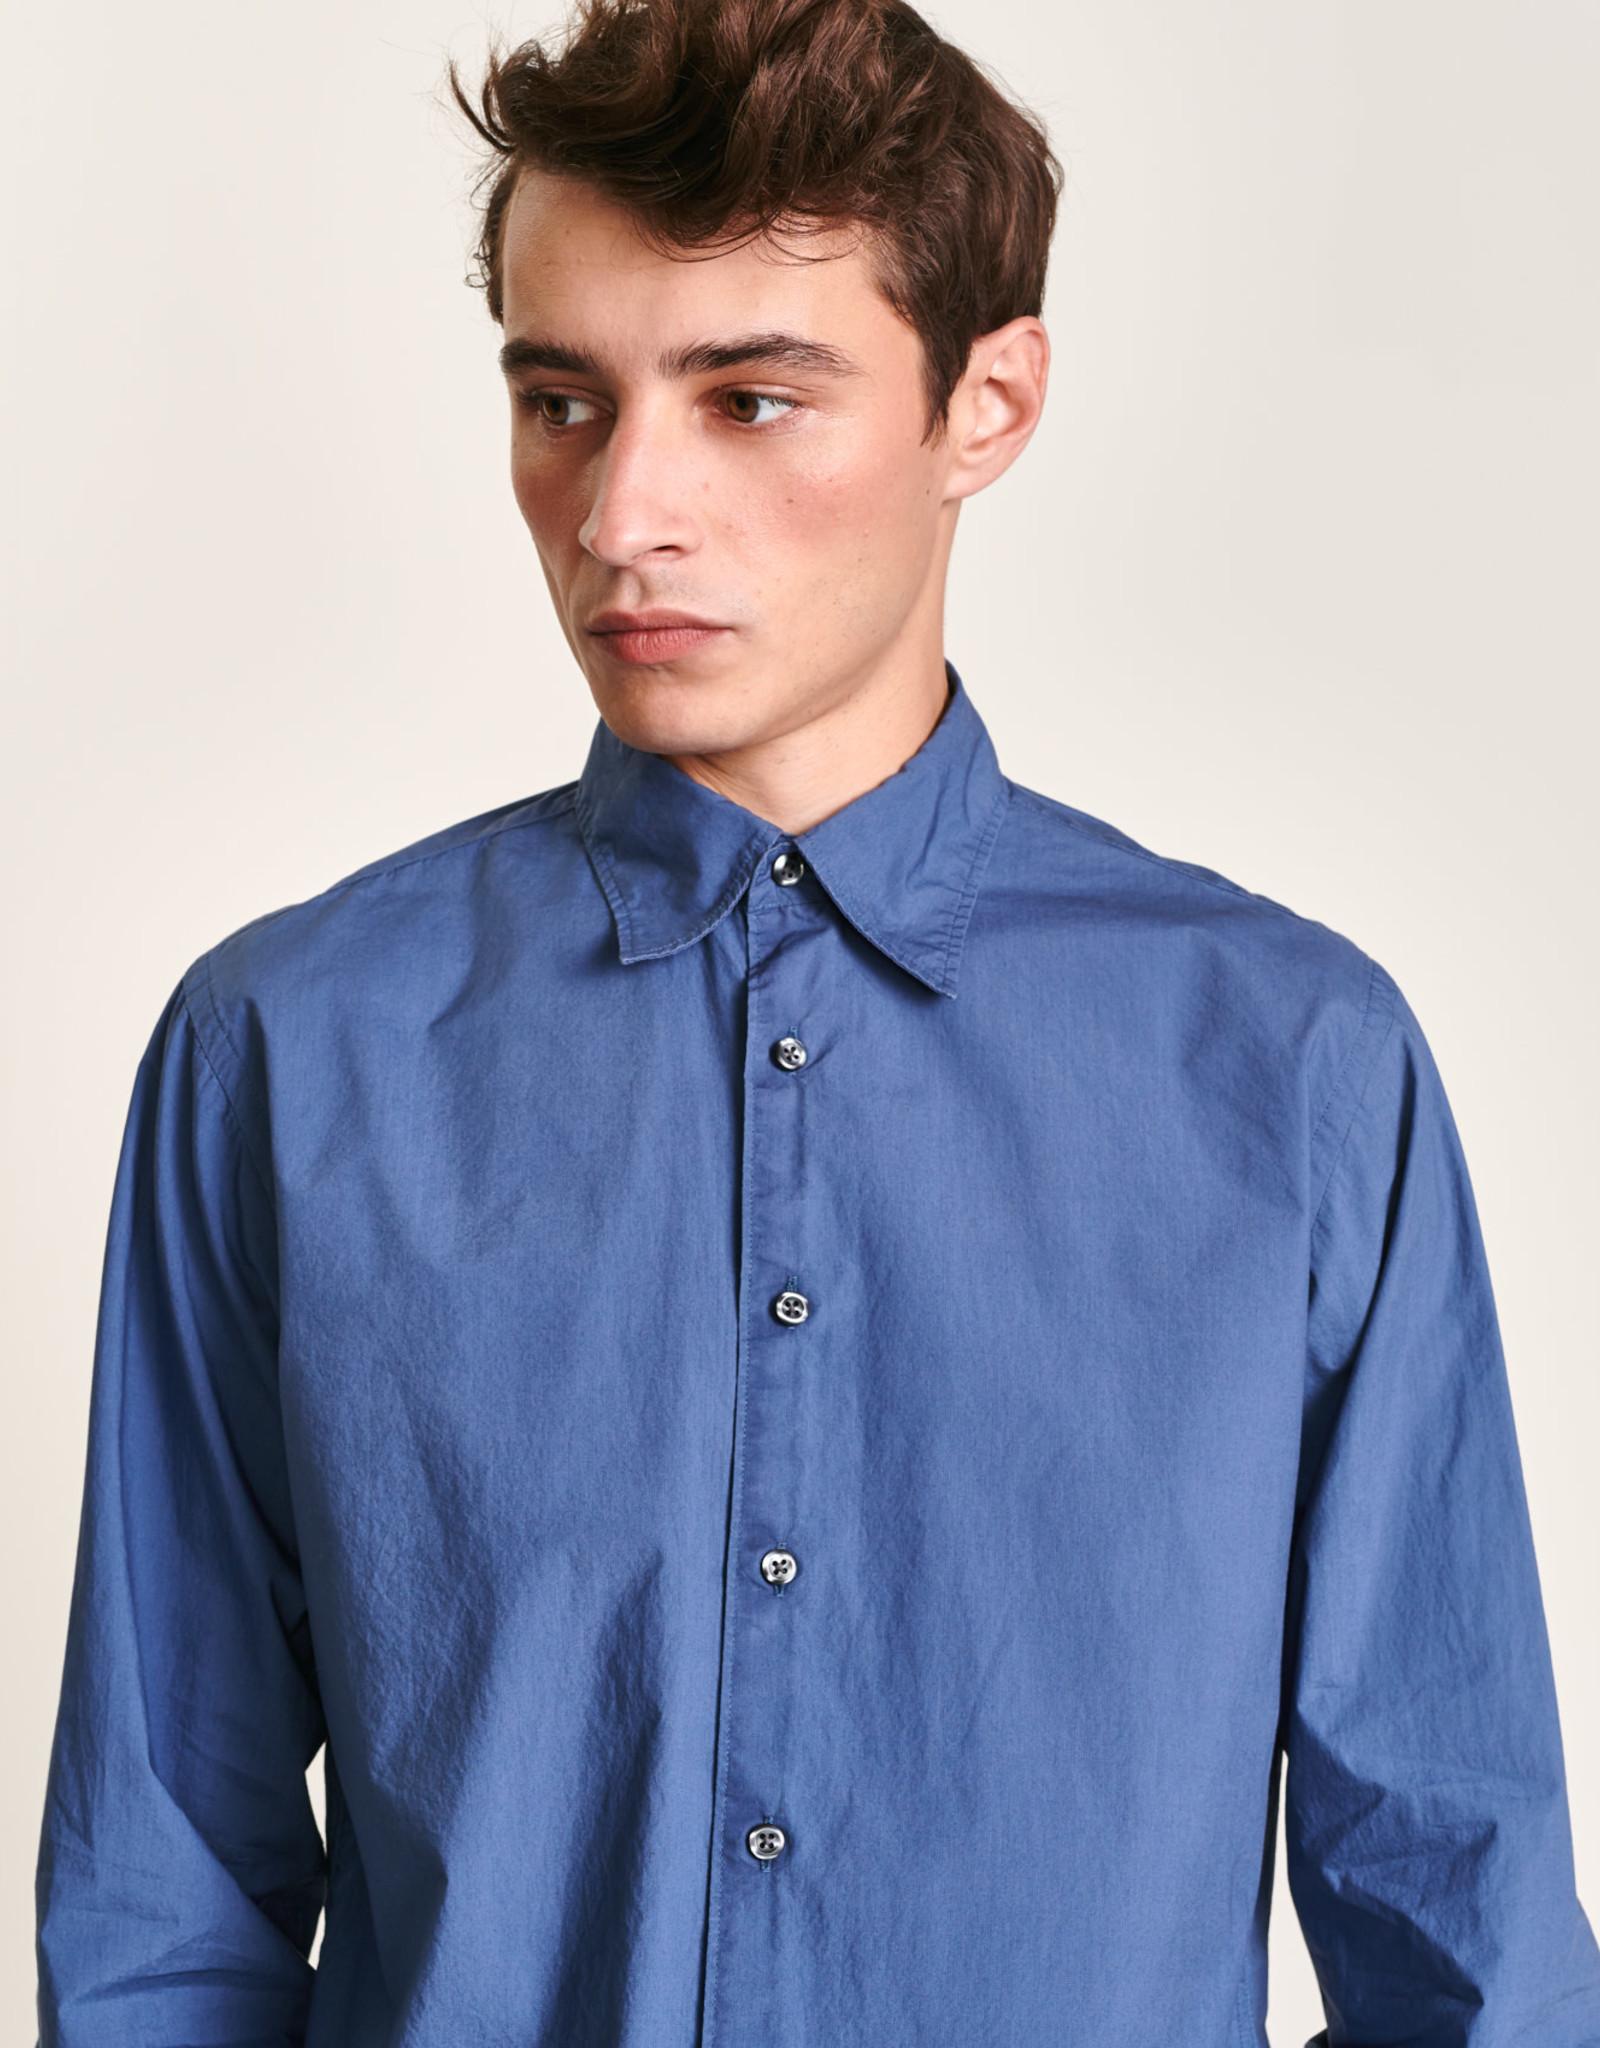 Bellerose Hemd Regular Fit Blauw